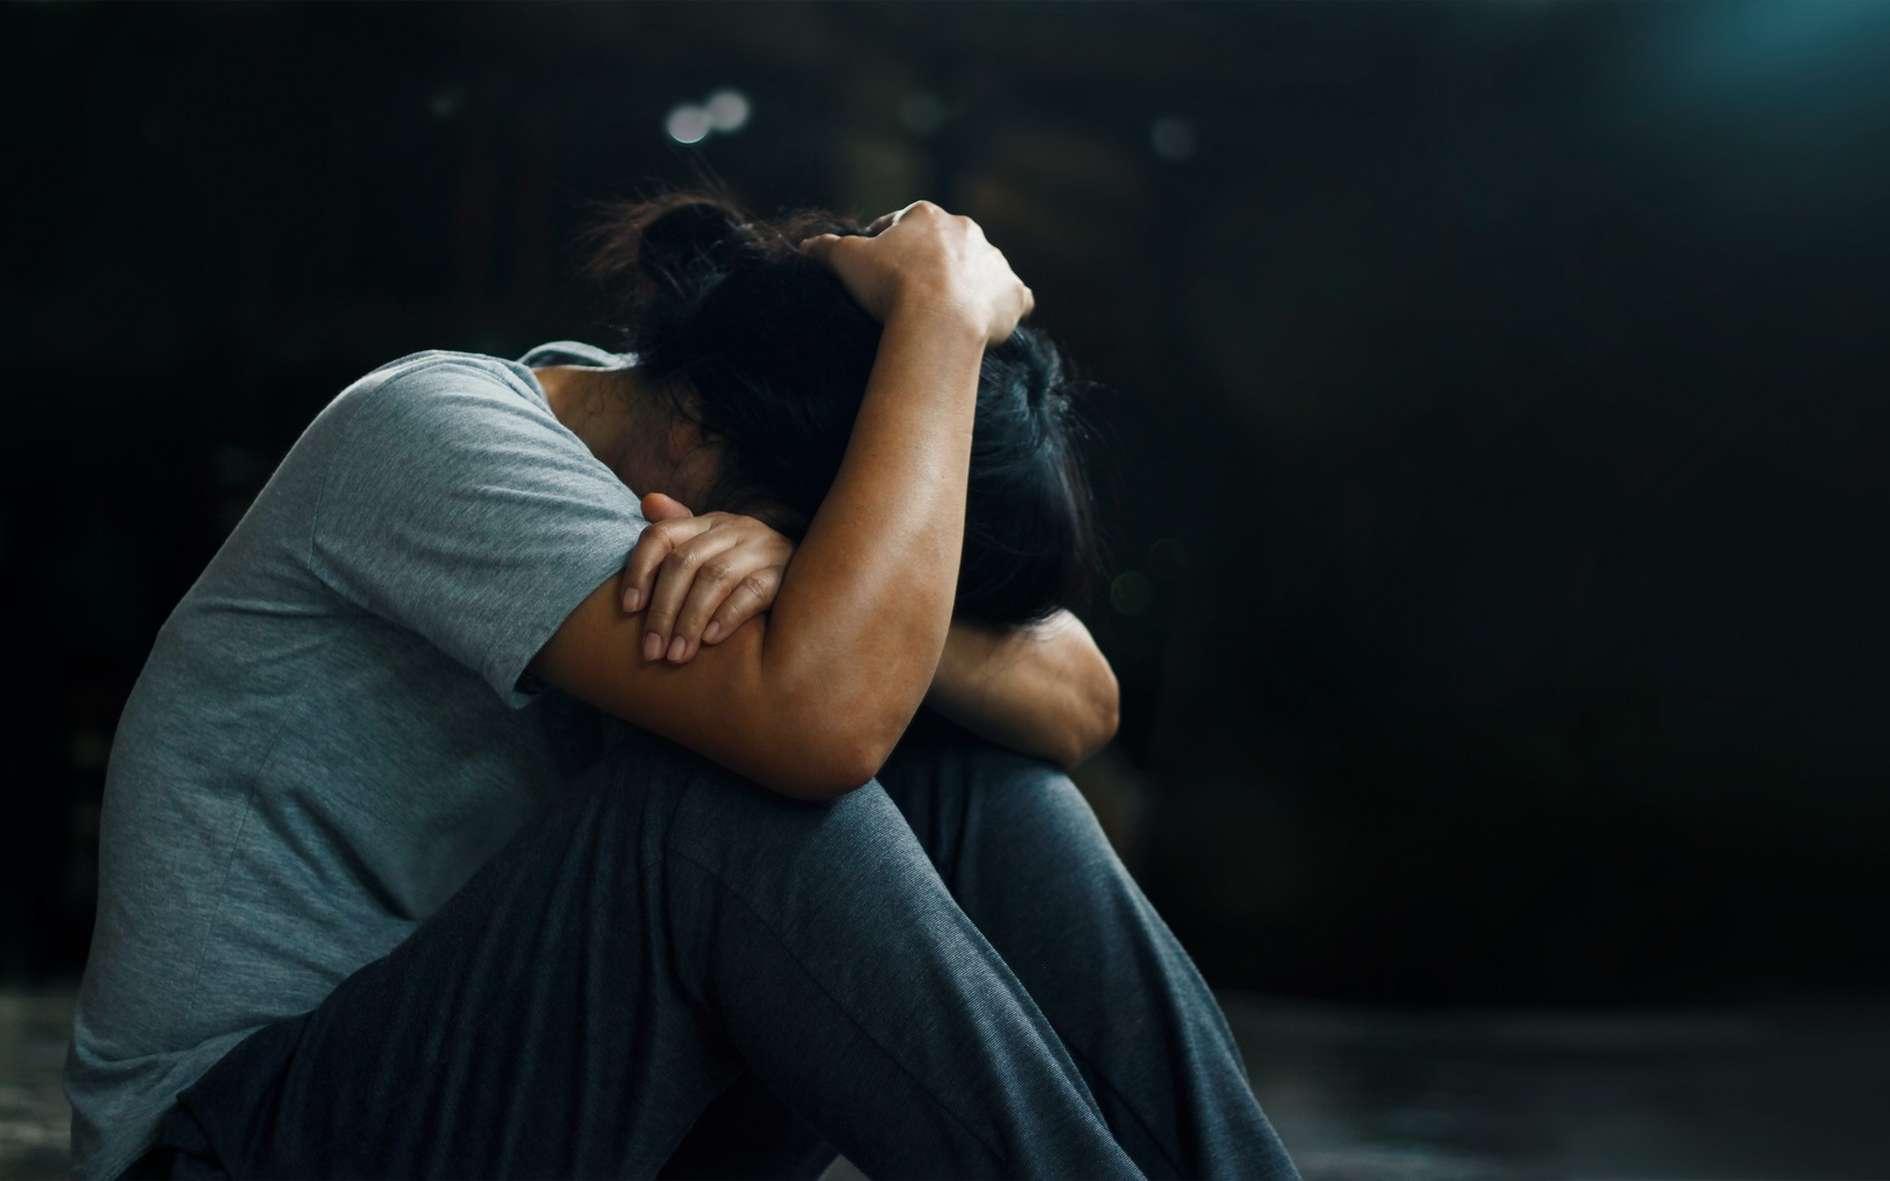 Certaines personnes confrontées à un événement grave développent des troubles du stress post-traumatique. © ipopba, Fotolia